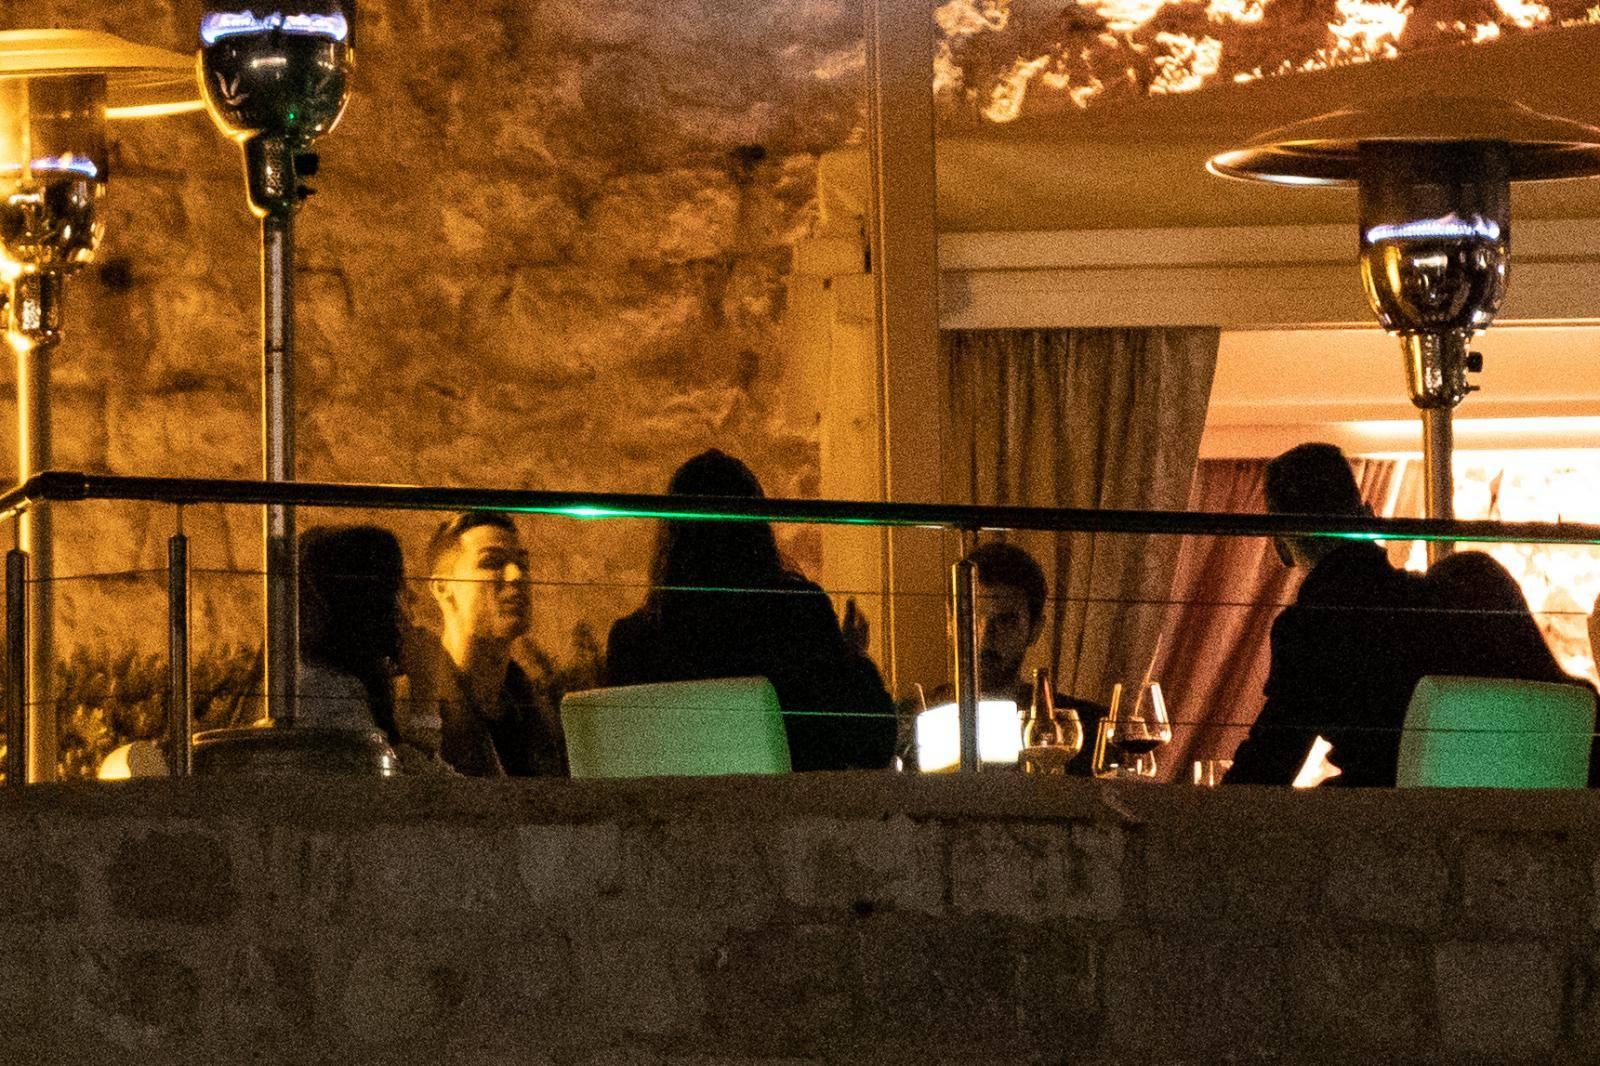 Ronaldova zaručnica izazovno pozira u vili: Zove ga 'mužem'